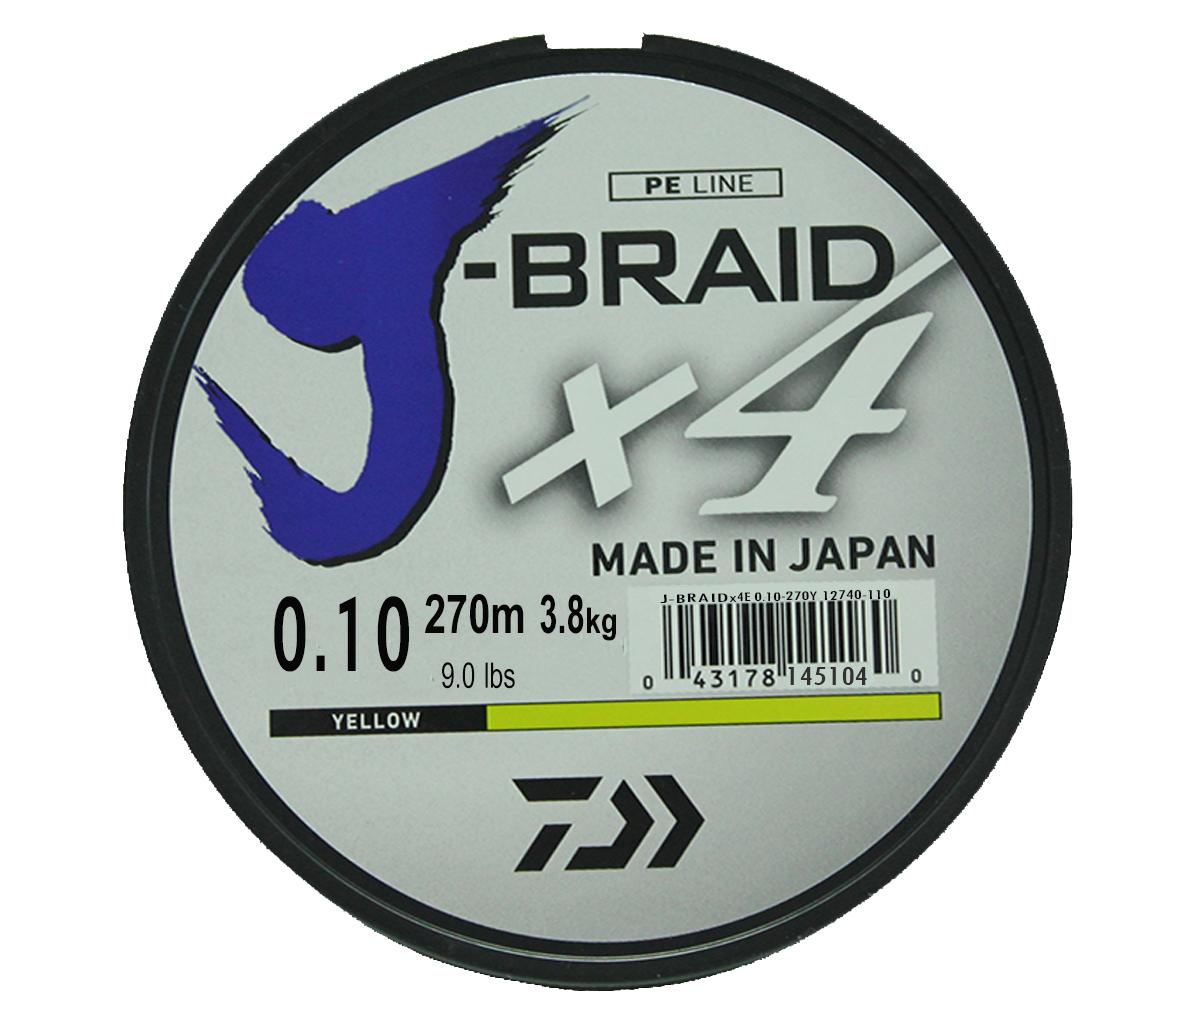 Леска плетеная DAIWA J-Braid X4 0,10мм 270 (флуор.-желтая)Леска плетеная<br>Новый 4х жильный шнур J-Braid, DAIWA - шнур высокого <br>класса с удивительным соотношением цены <br>и качества. Качество плетения полностью <br>соответствует японским стандартам и удовлетворяет <br>всем требованиям. Представленные диаметры <br>позволяют использовать шнур для всех техник <br>ловли, начиная от ultra- light ловли окуня, до <br>морской ловли палтуса, трески и т.д.<br>